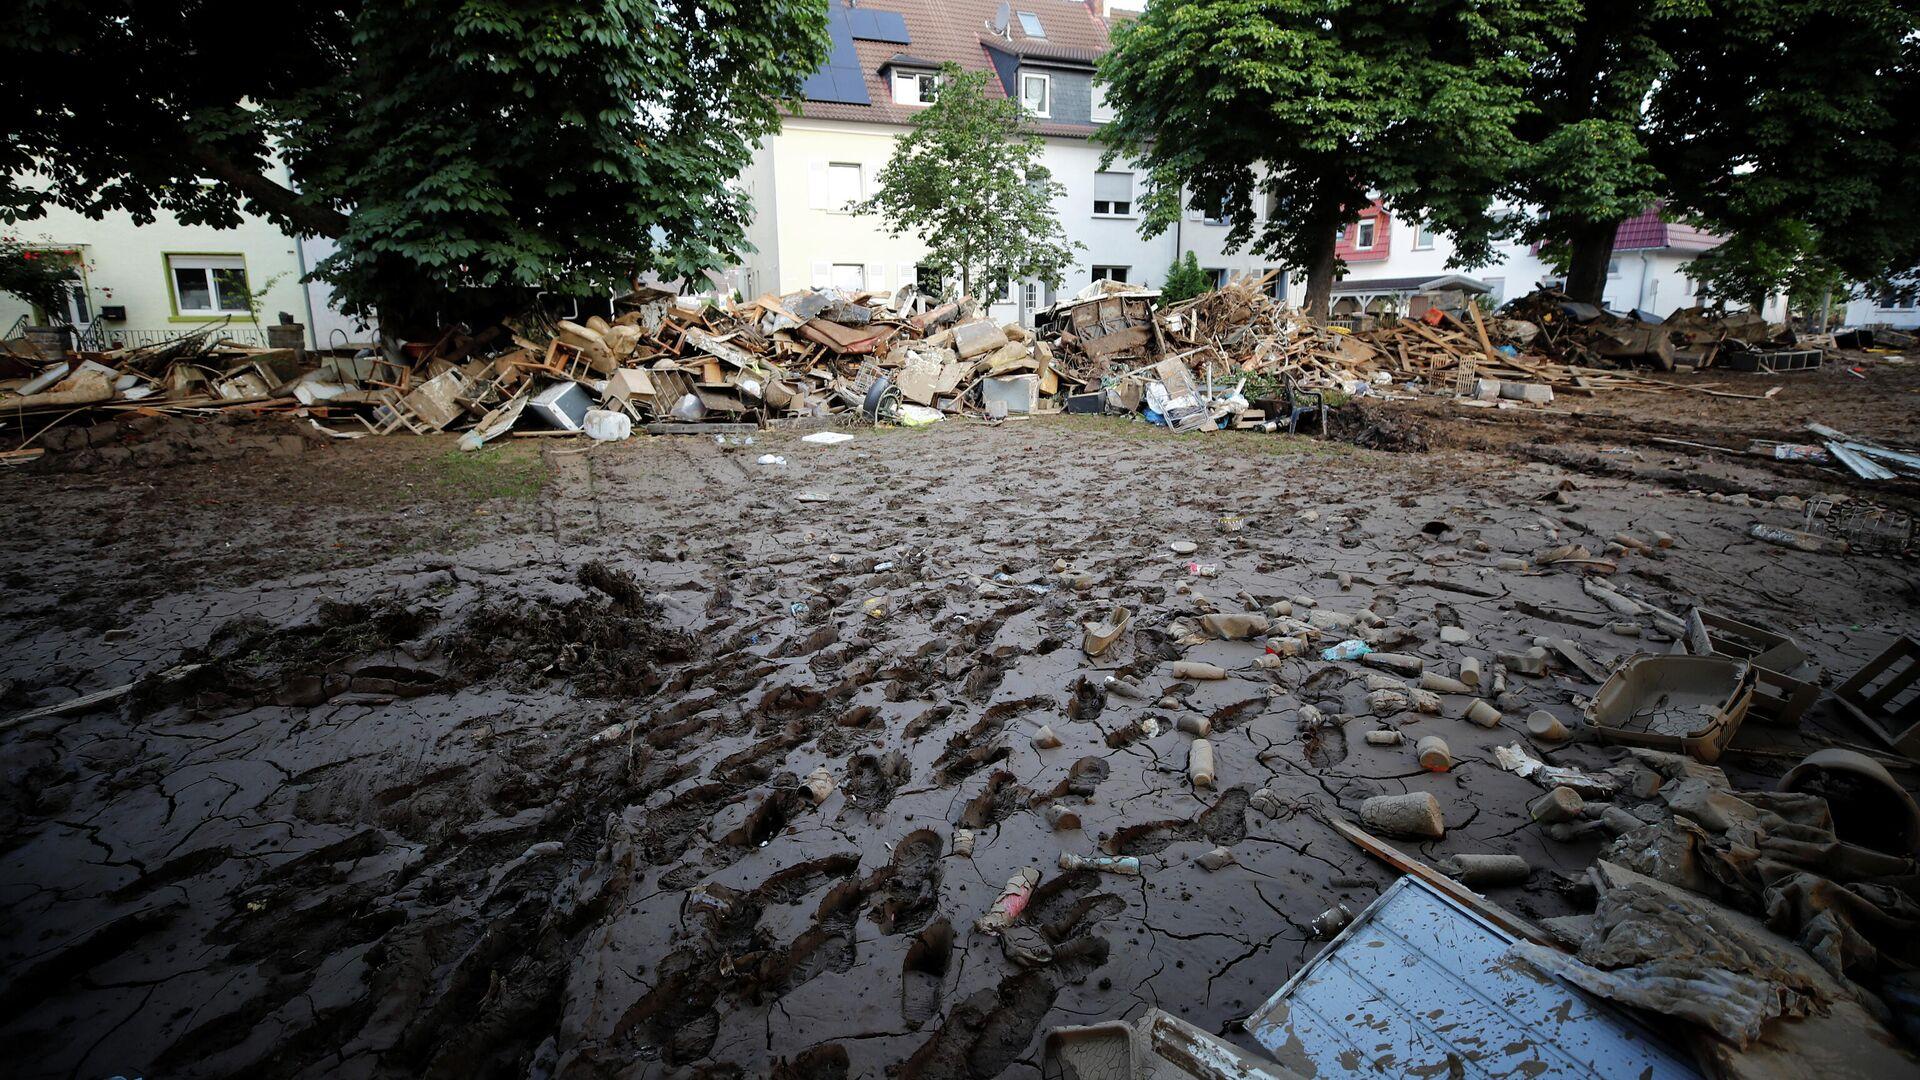 Nach der Flutüberschwemmung in Ahrweiler  - SNA, 1920, 22.07.2021